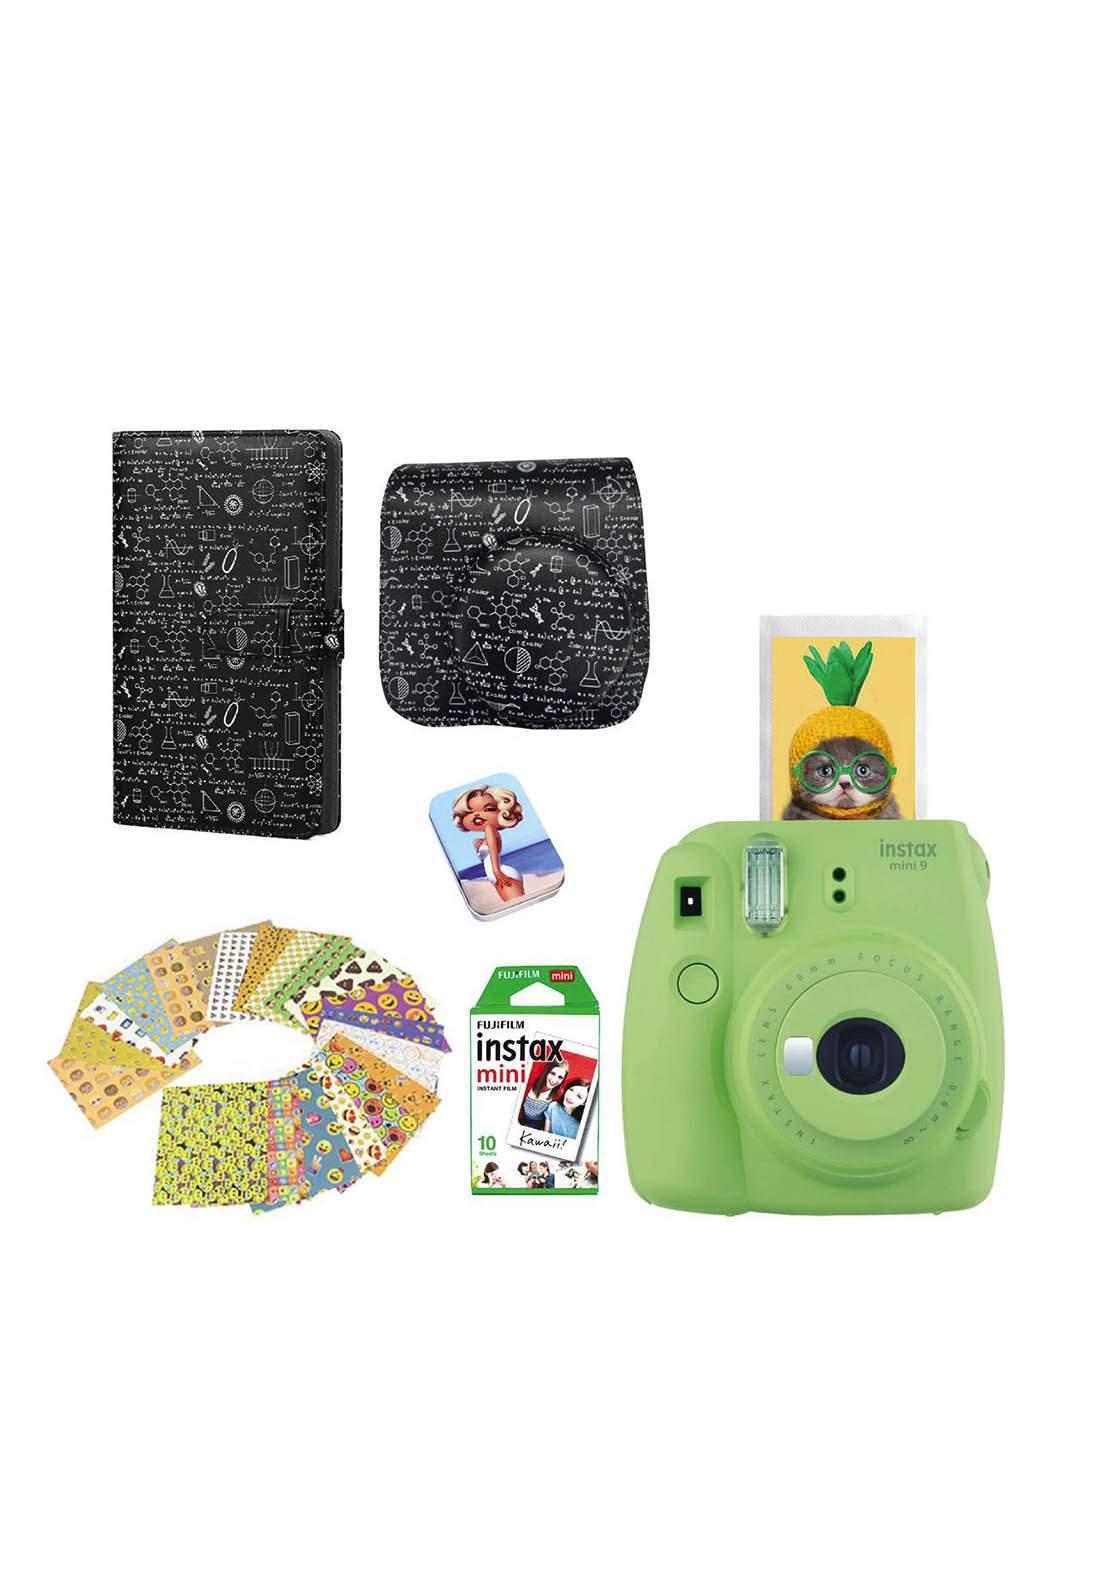 Fujifilm Instax LifeStyle Pack Mini9 Camera Package - Green كاميرا فورية